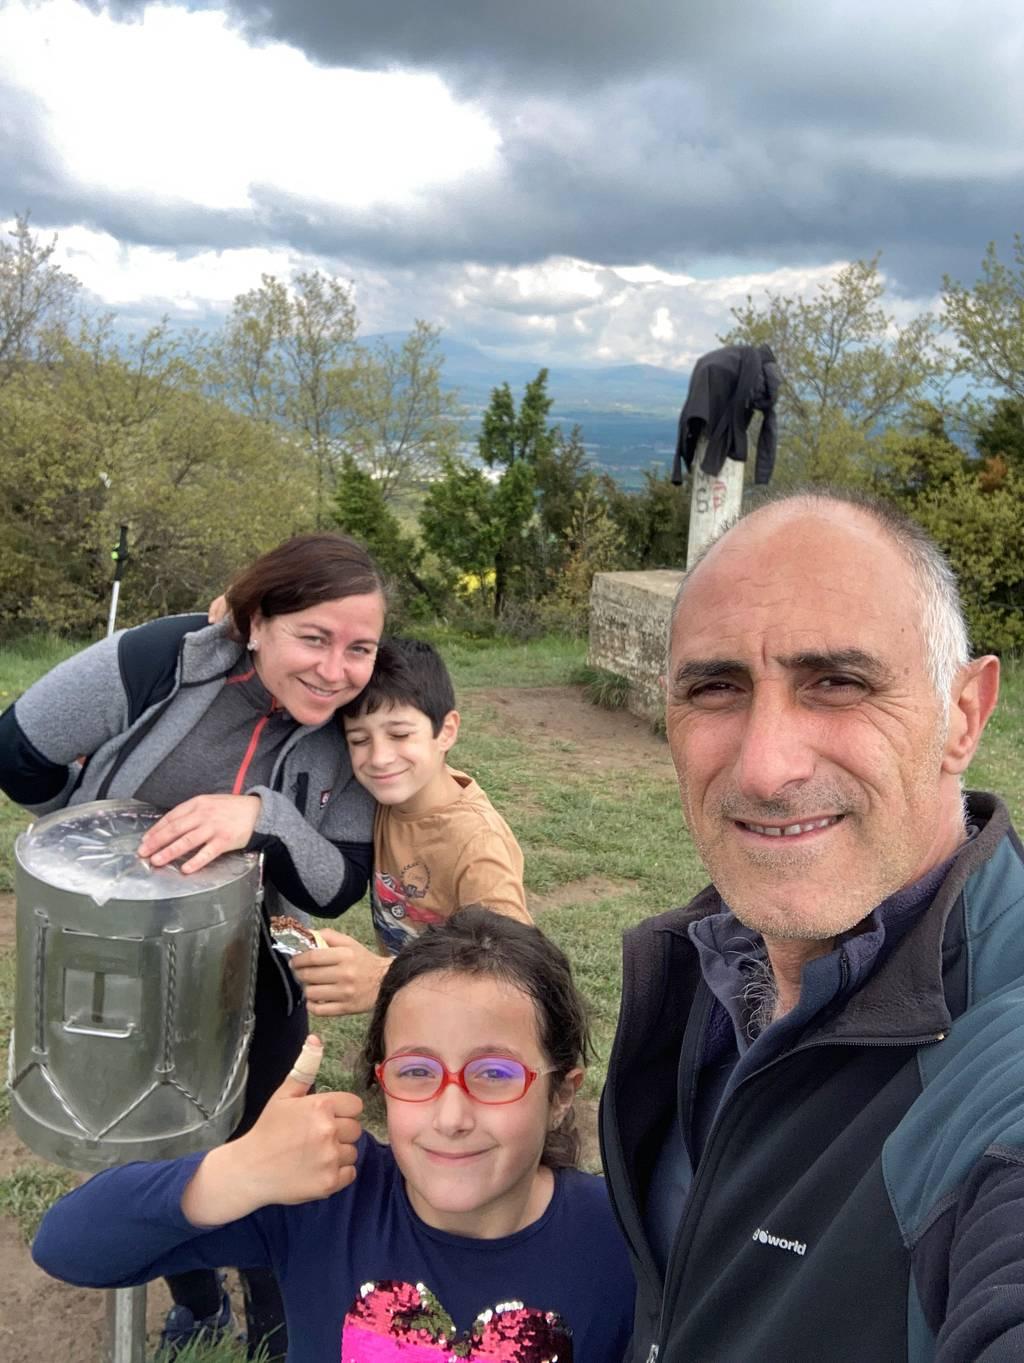 Gorka Belamendia erabiltzailea San Kiliz / Urgatxi / Errogana puntan, 2021-05-01 11:55